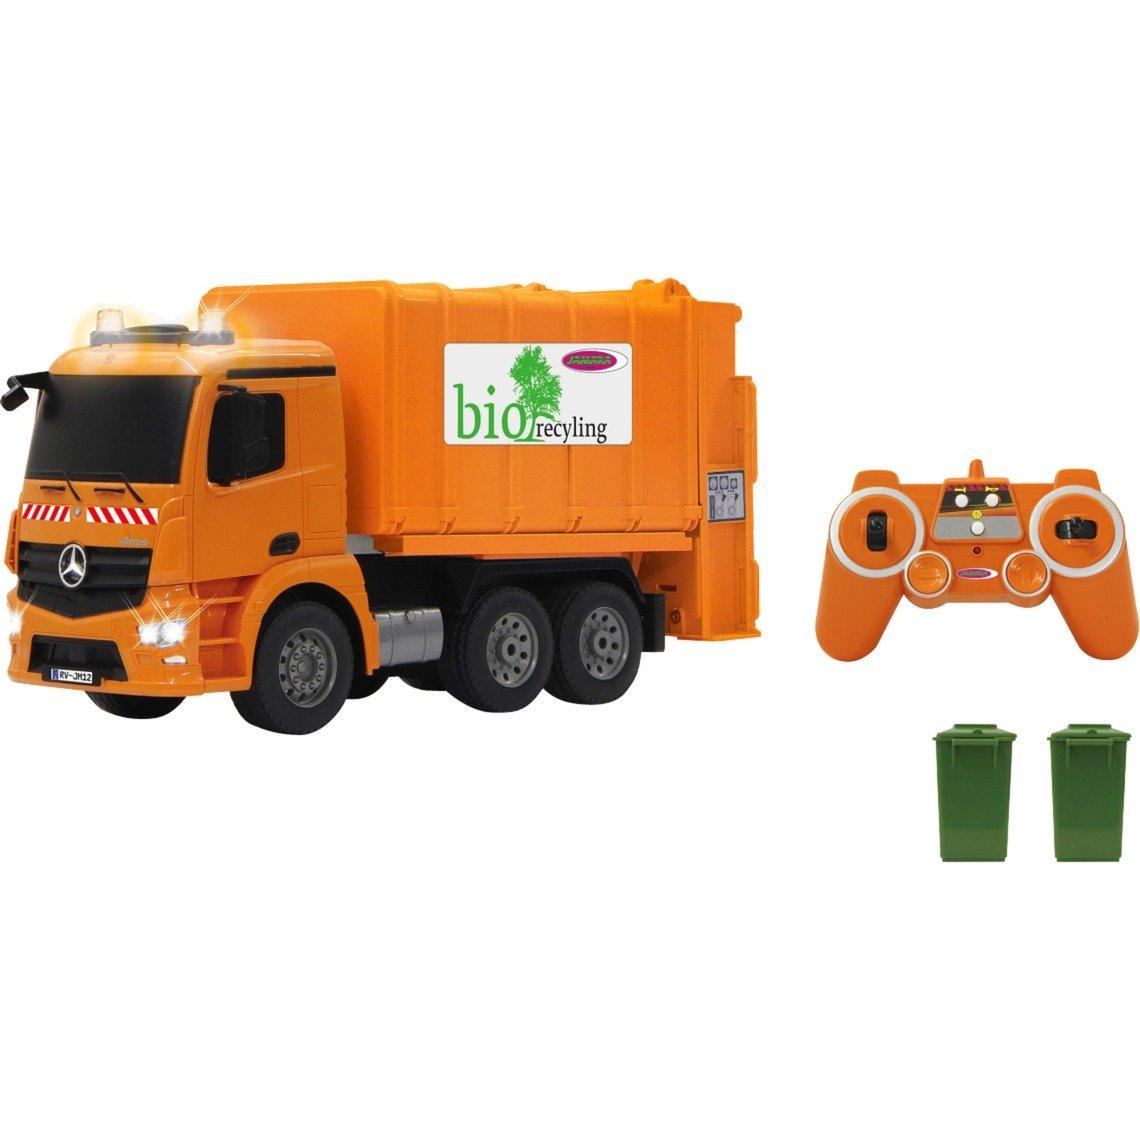 405079 vehículo de tierra por radio control (RC) Camión de la basura Motor eléctrico 1:20, Radiocontrol